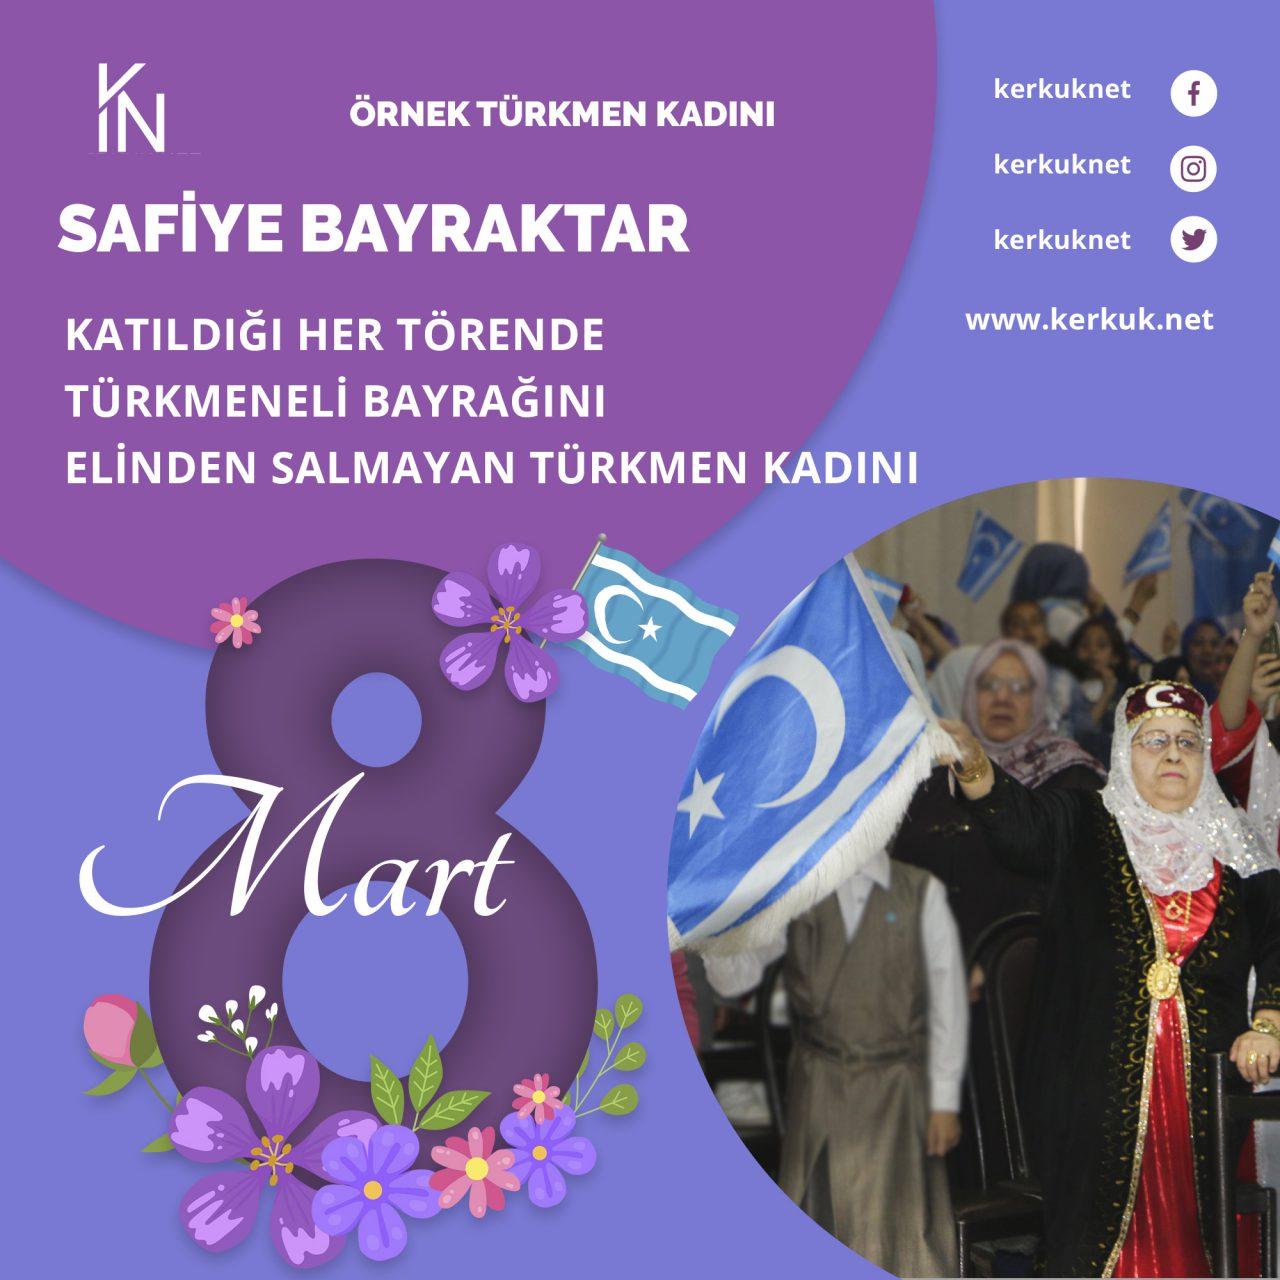 Safiye Bayraktar - Türkmeneli